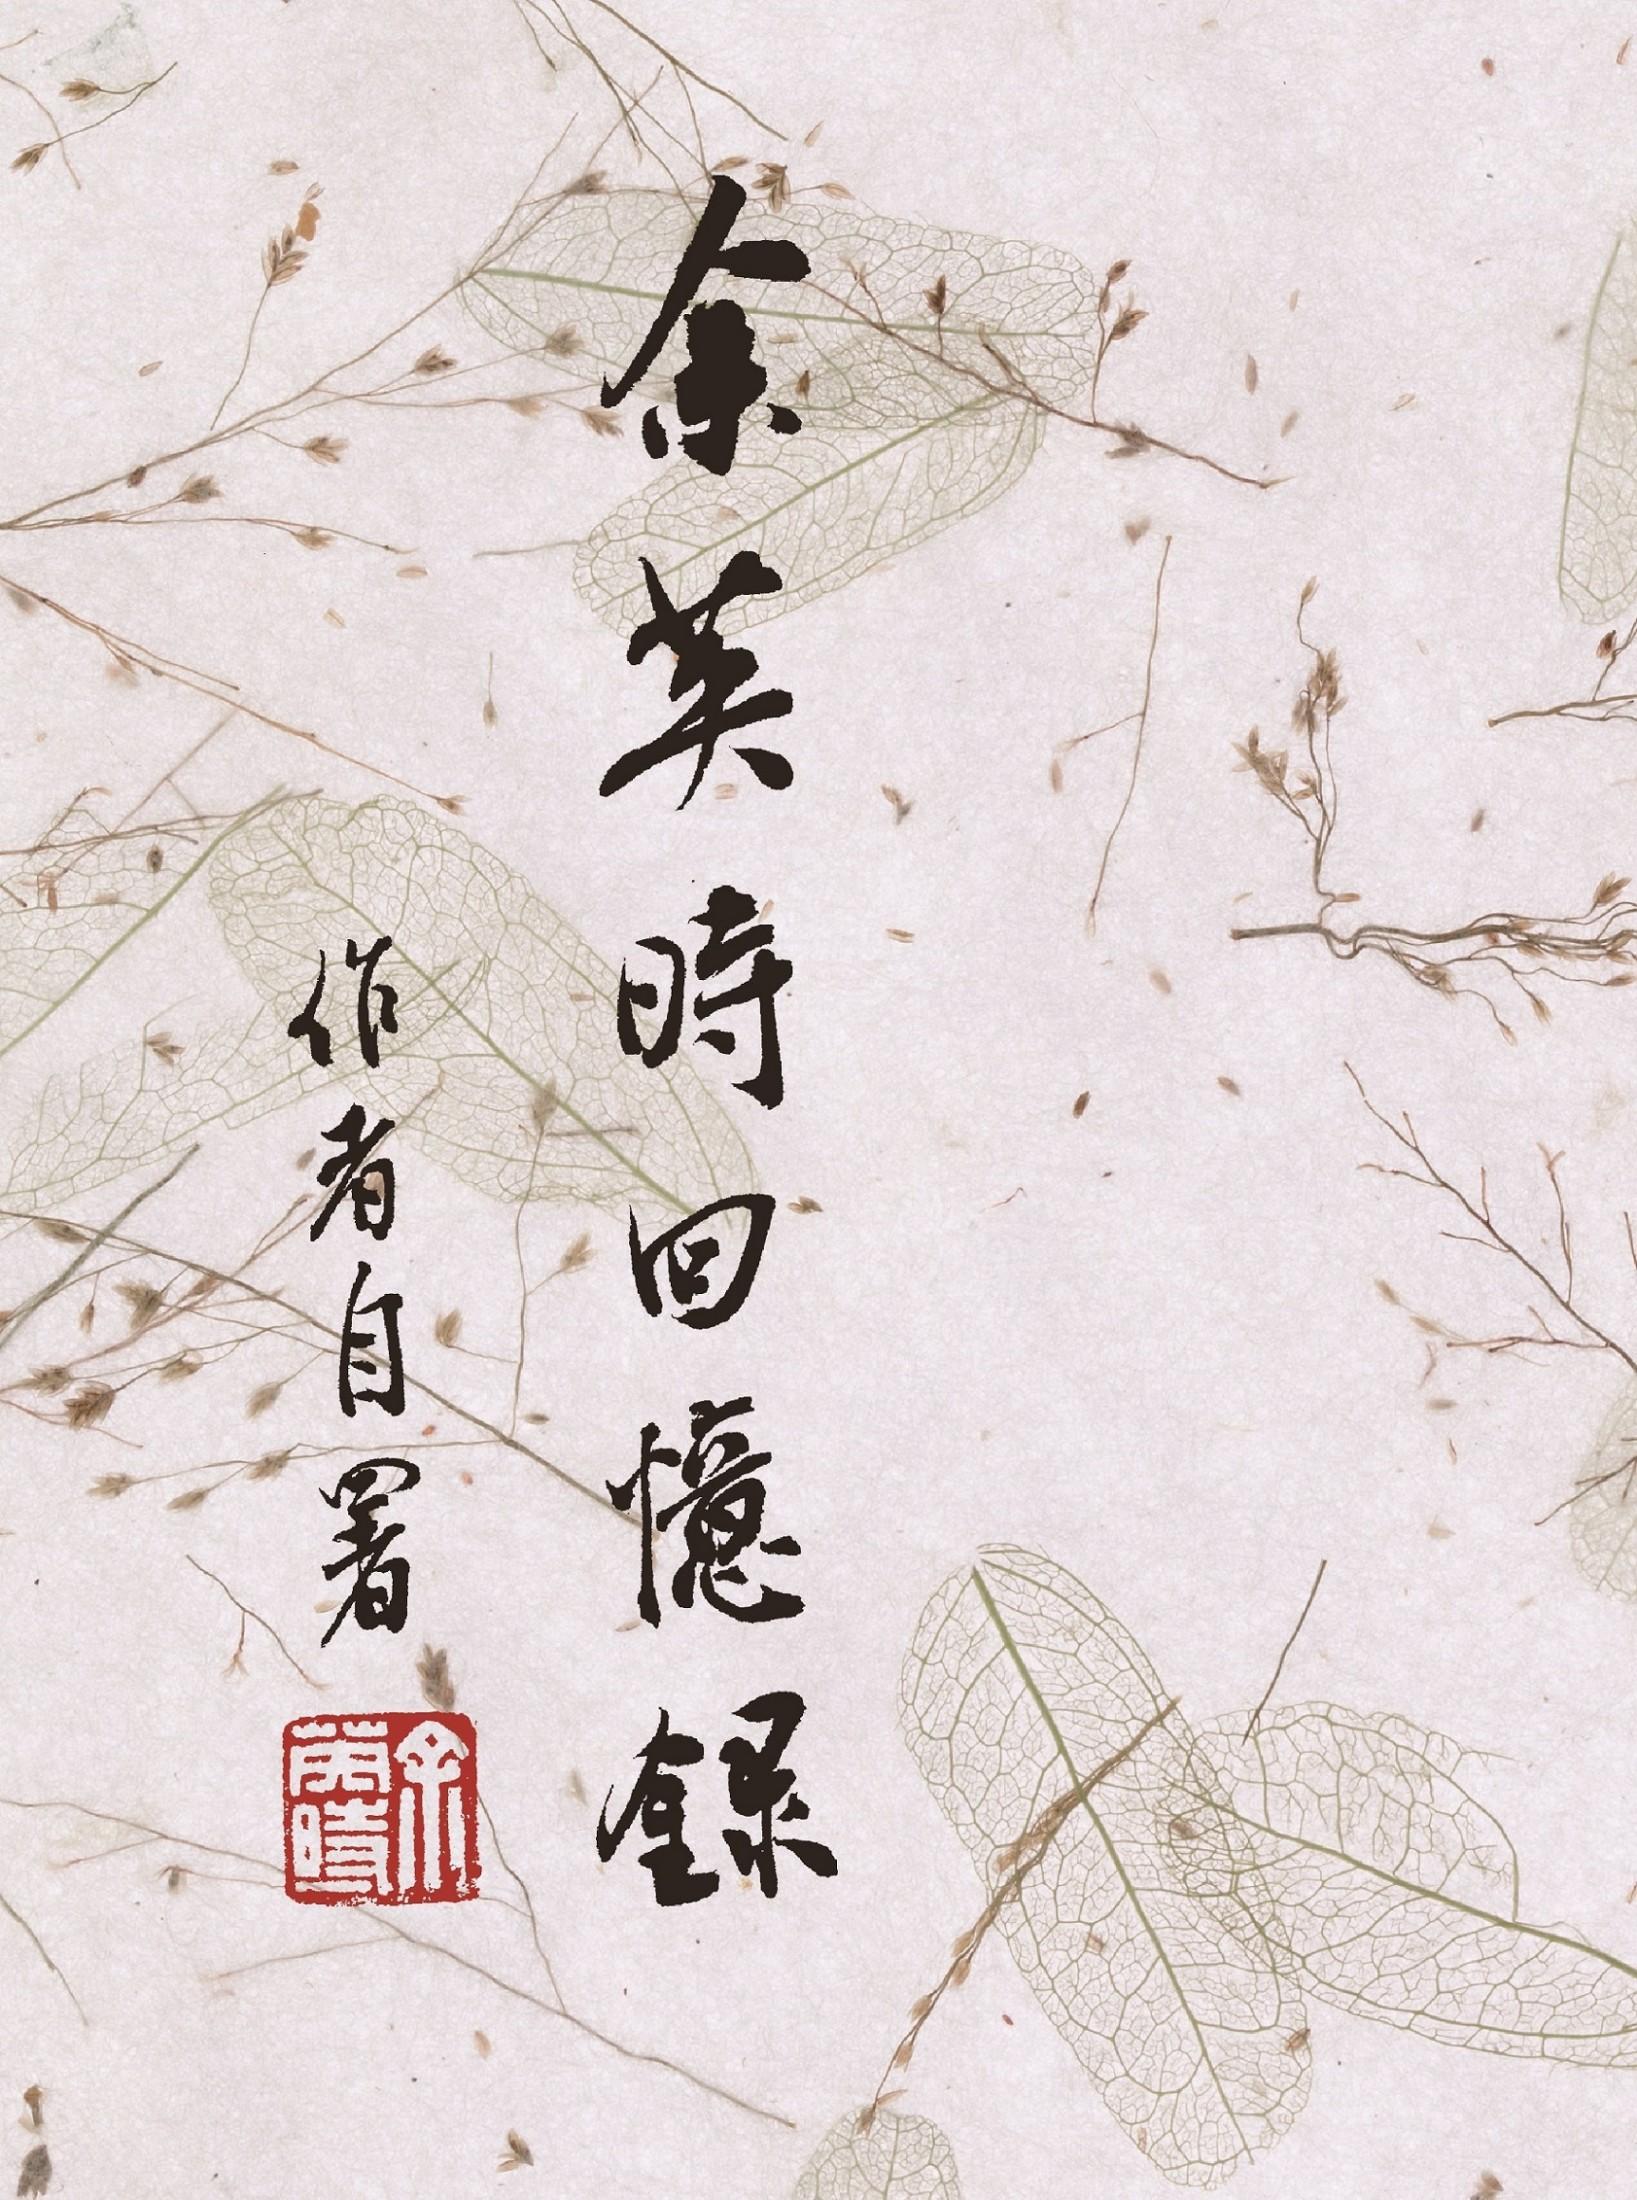 余英時回憶錄 (EBook, Chinese language, 2018, 允晨文化實業股份有限公司)